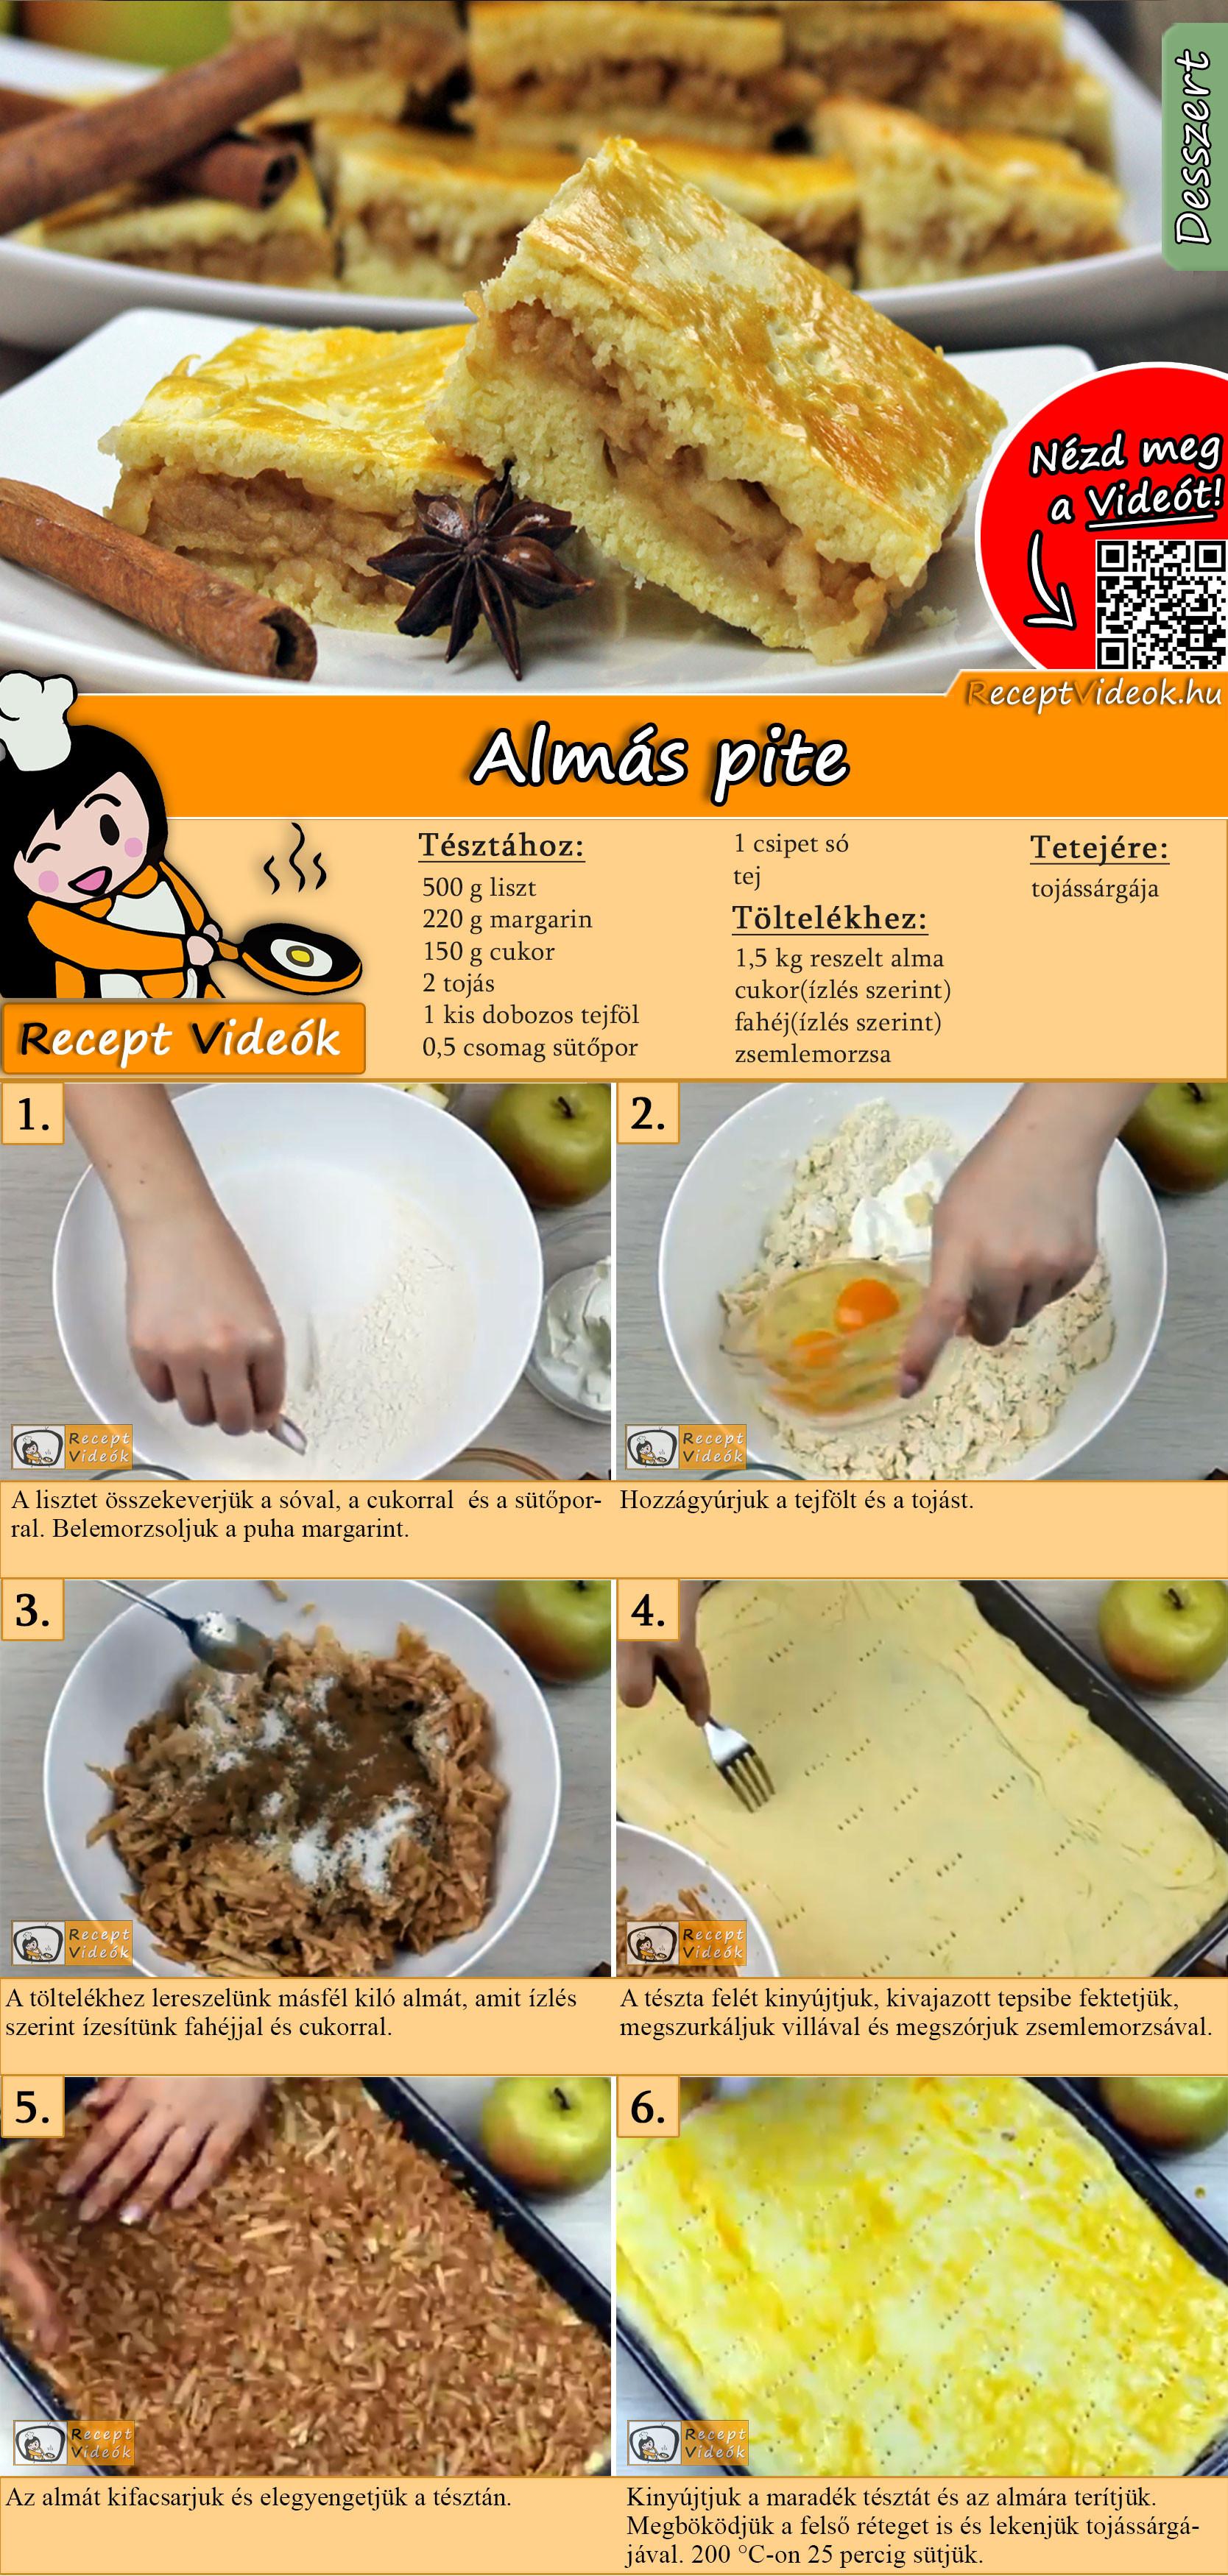 Almás pite recept elkészítése videóval